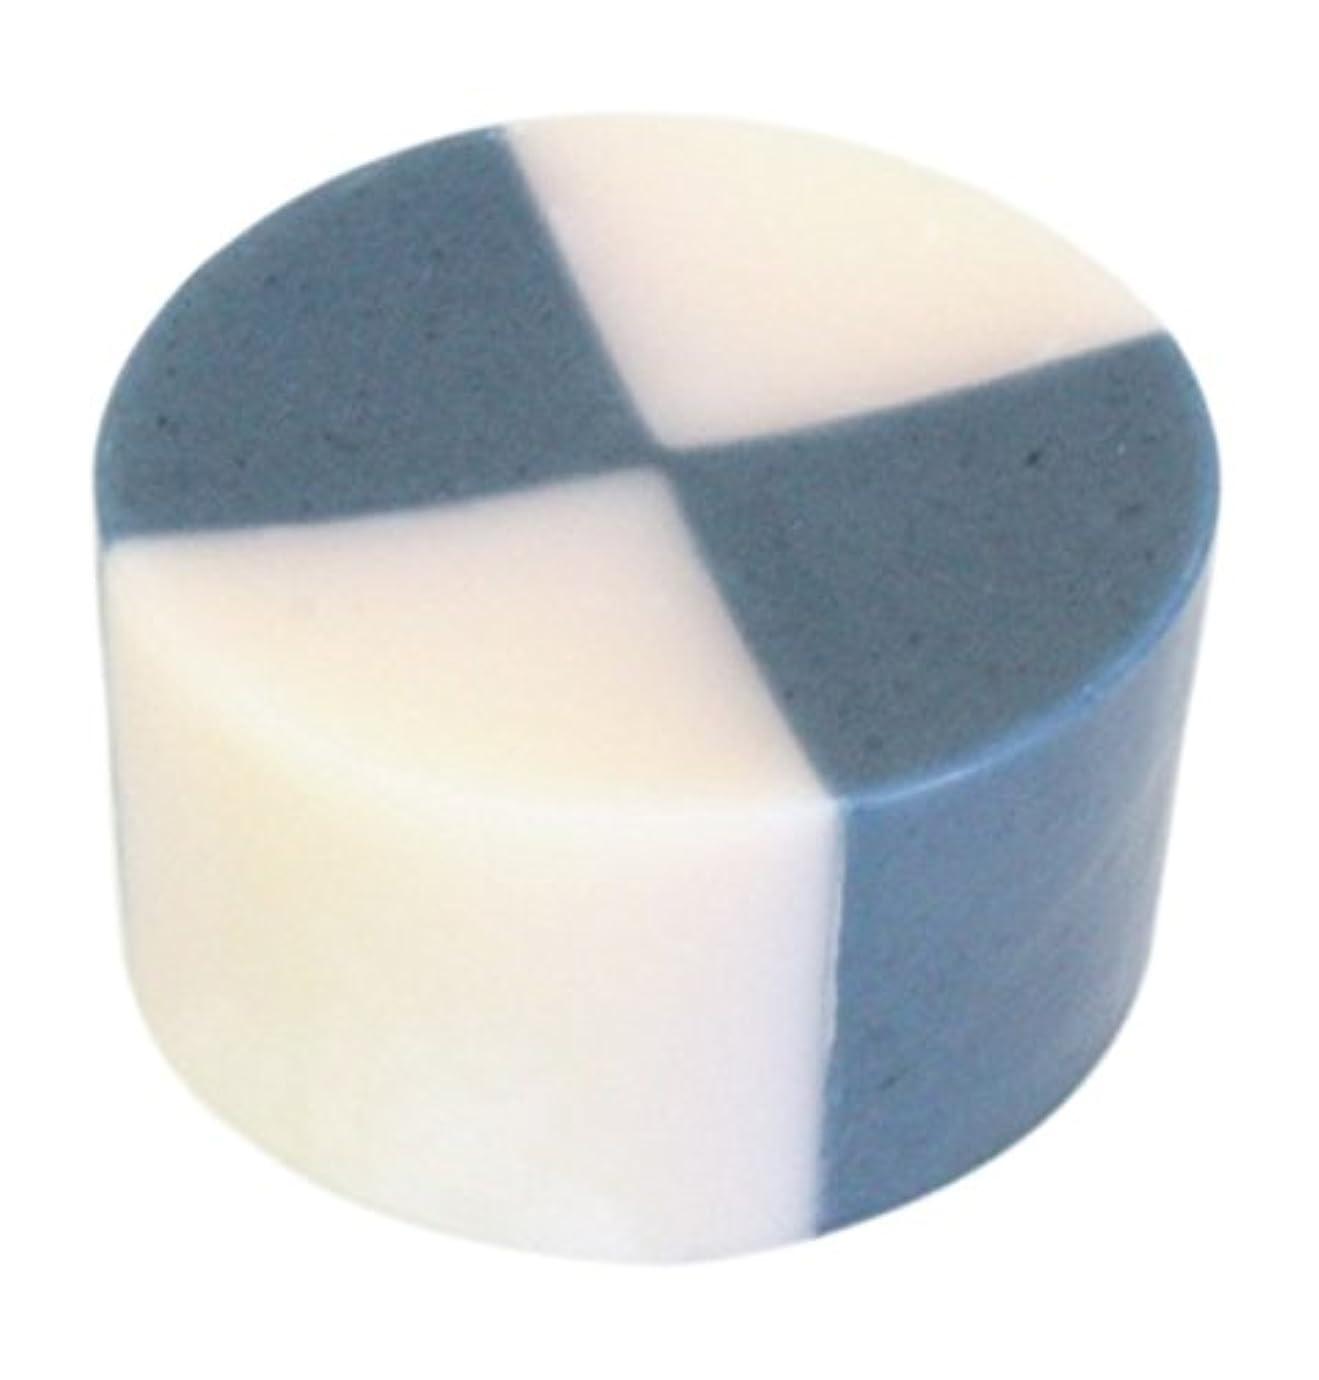 消す連続したリスト藍色工房 藍染め石けん「いちまつ」(60g)